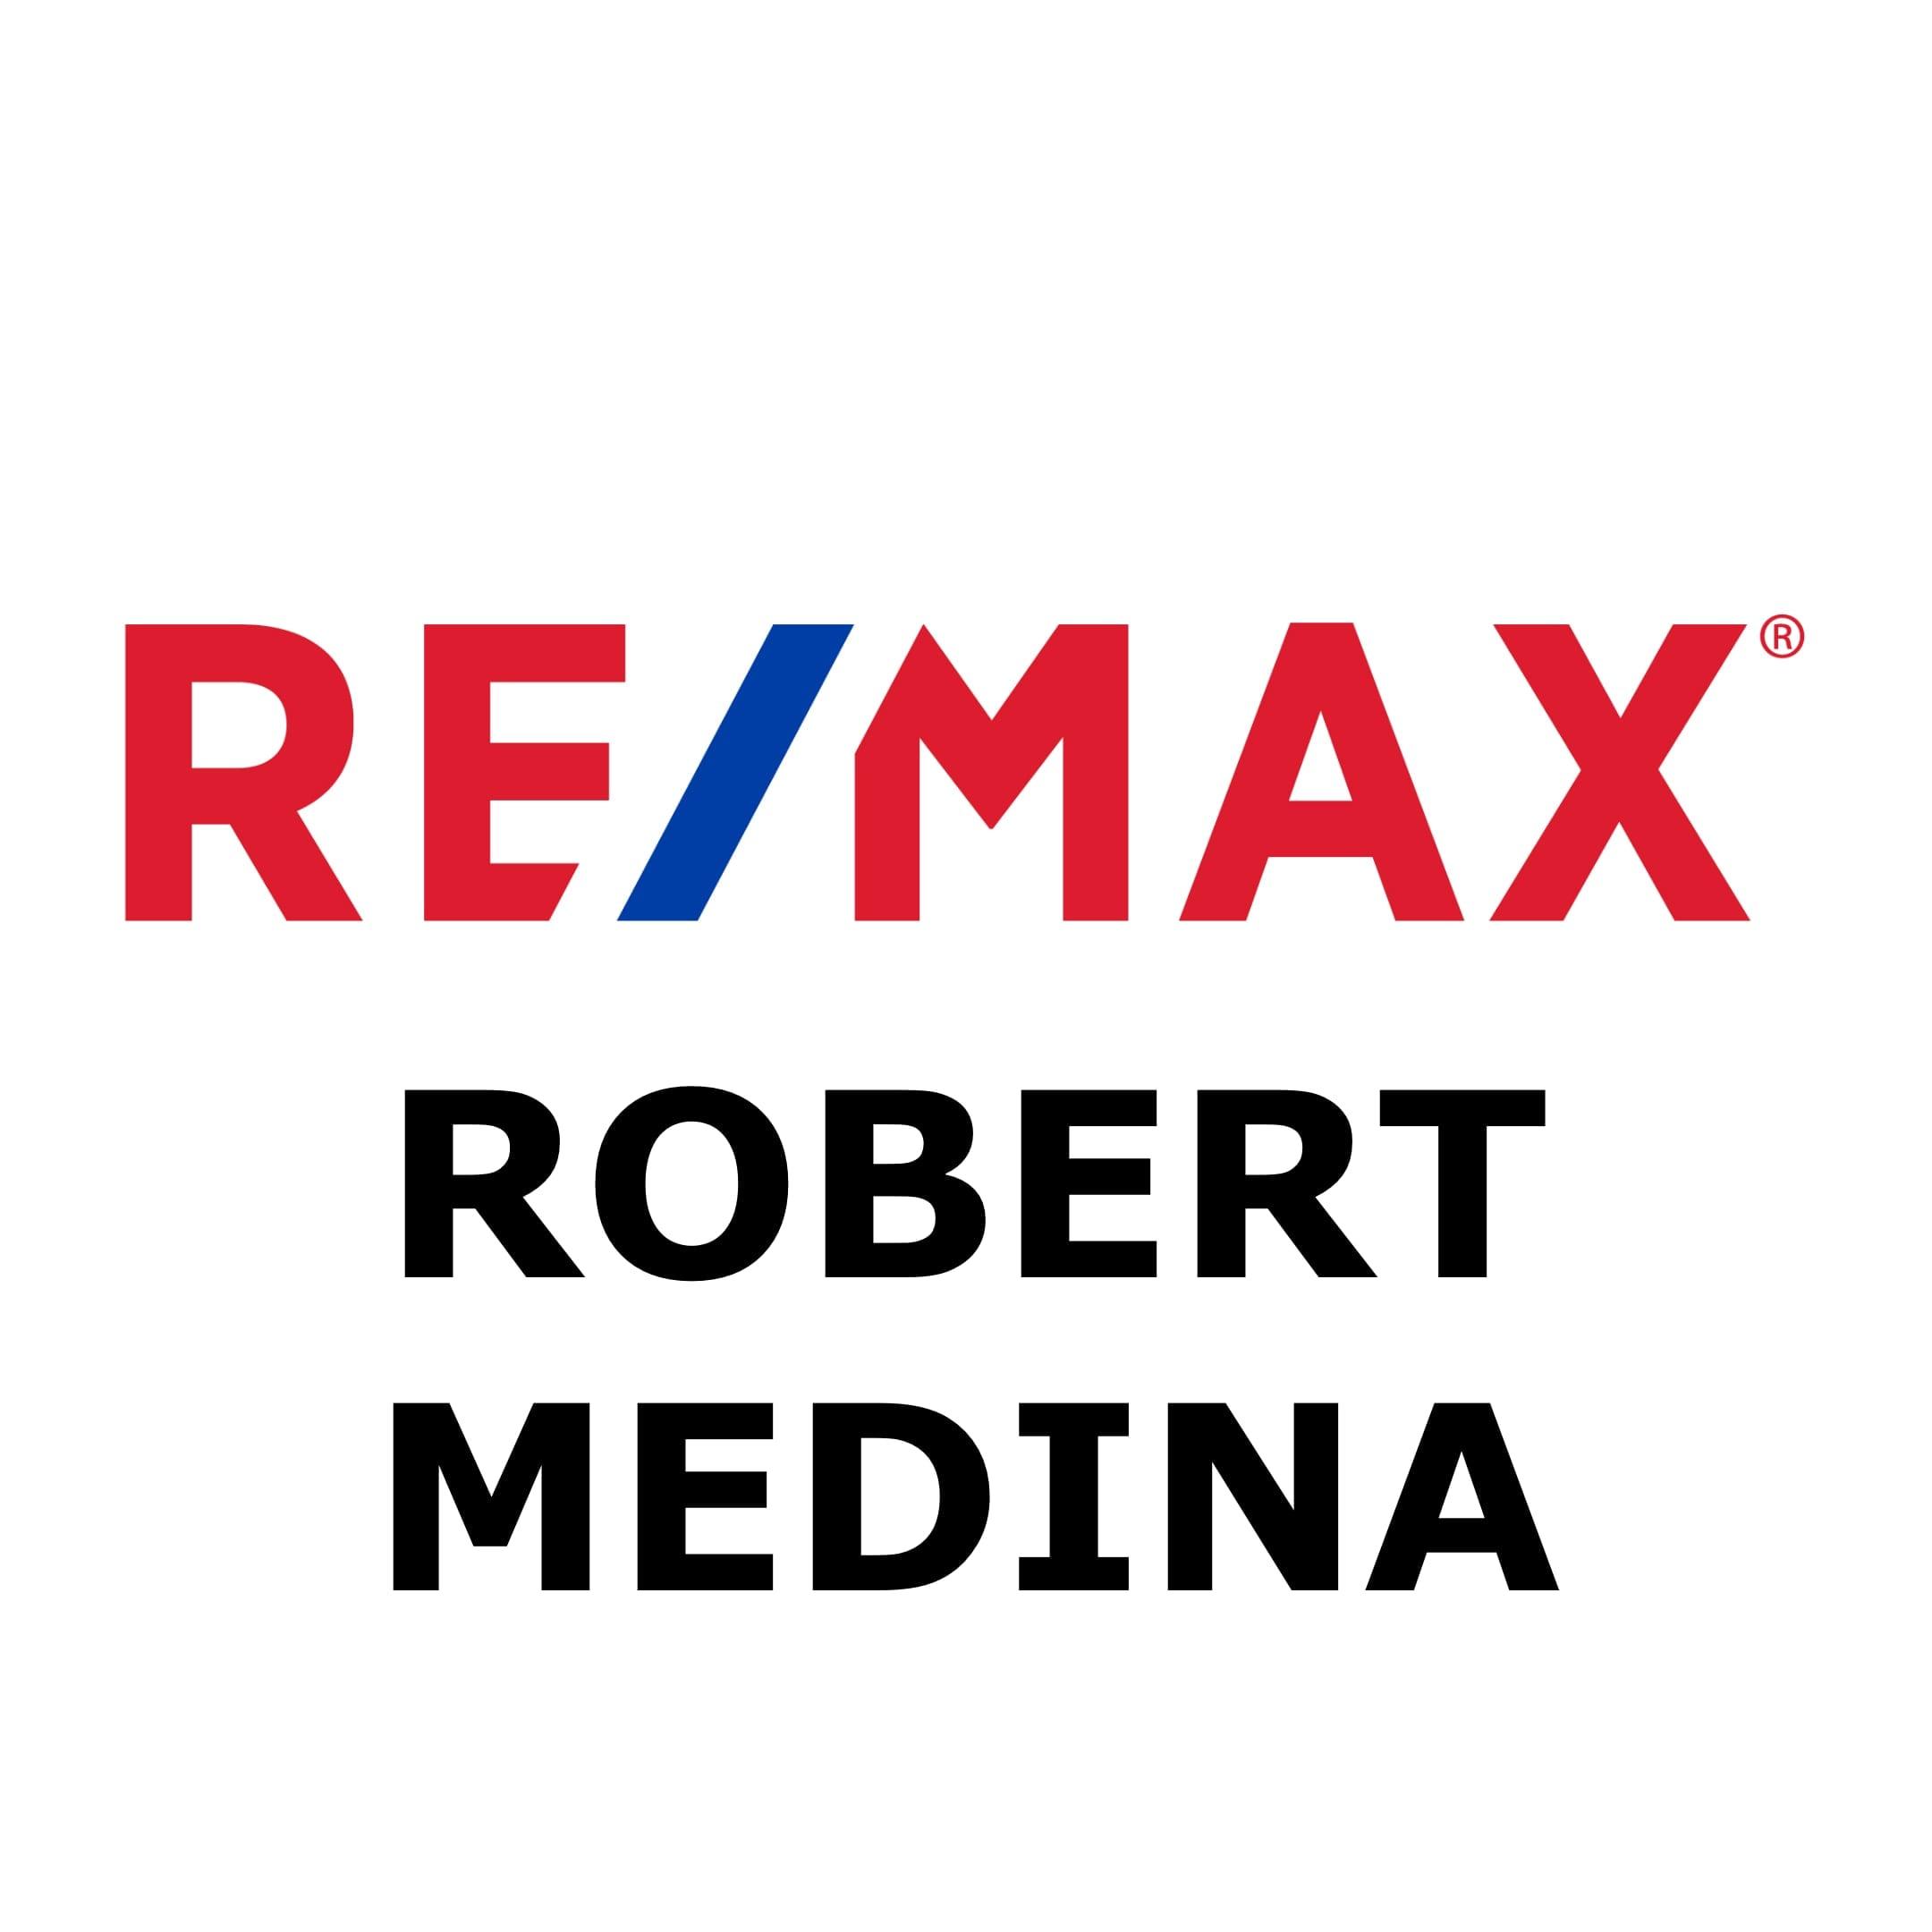 Robert Medina Re/MAX